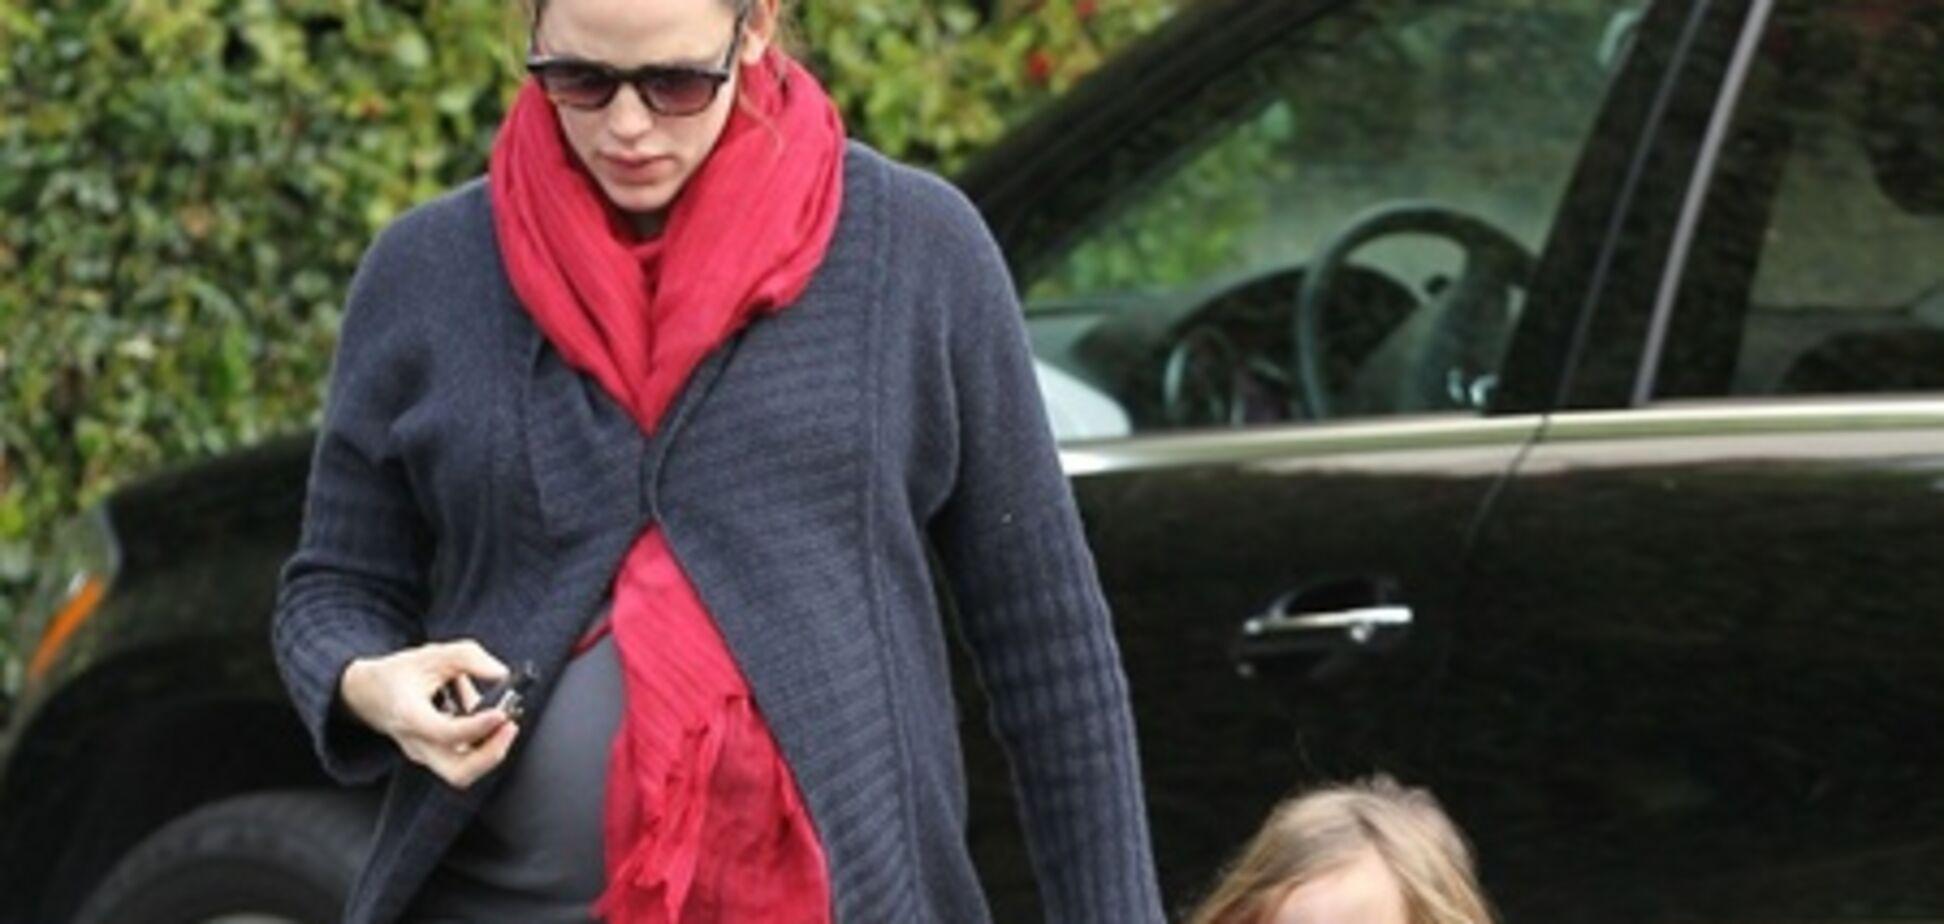 Дженнифер Гарнер идет на завтрак с дочерью. Фото